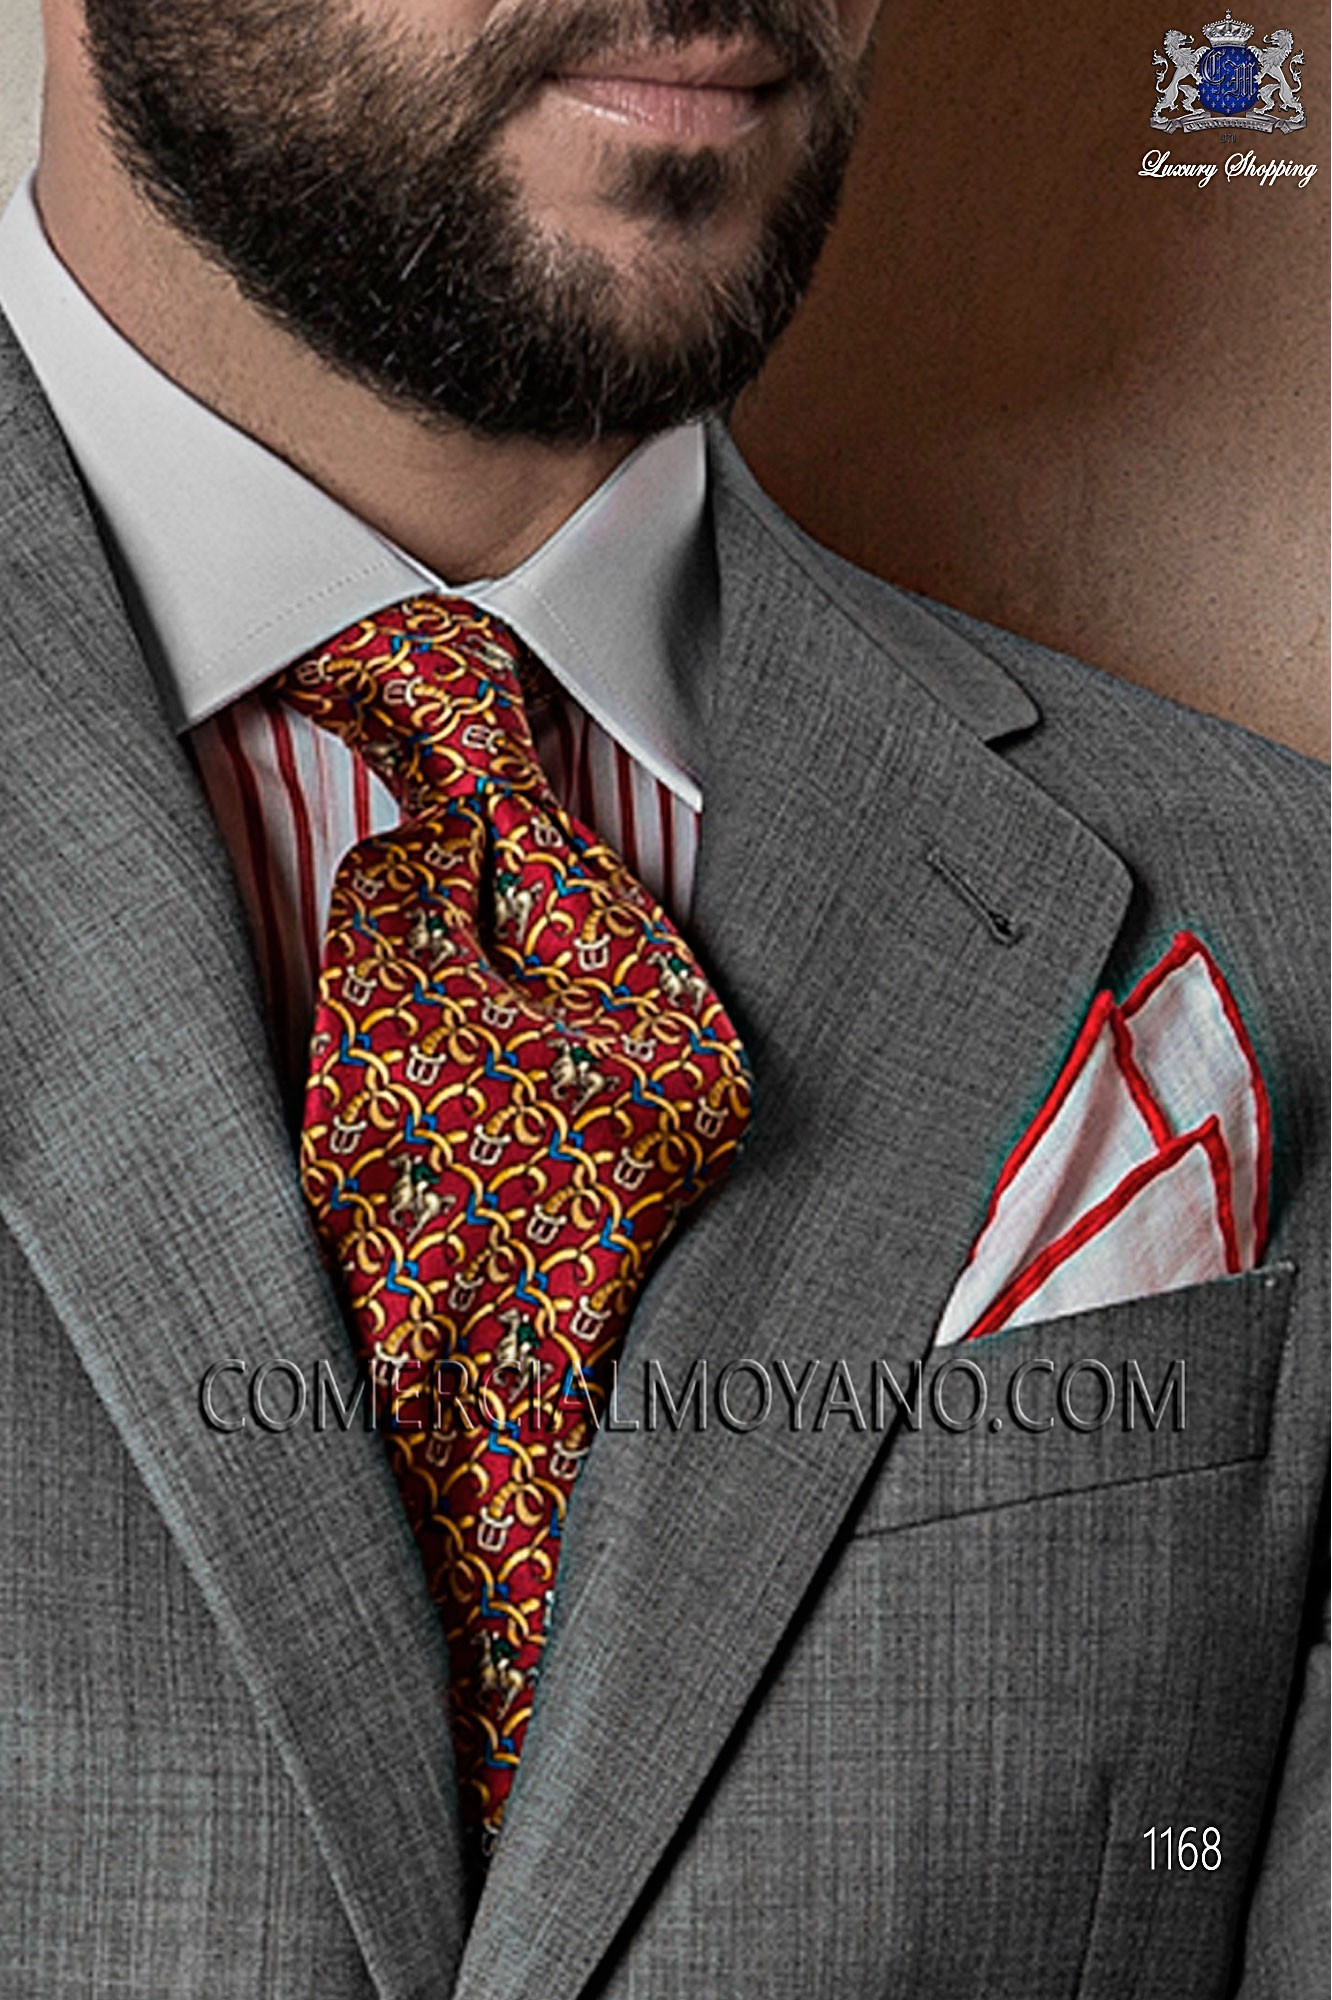 Traje Gentleman de novio gris claro modelo: 1168 Ottavio Nuccio Gala colección Gentleman 2017